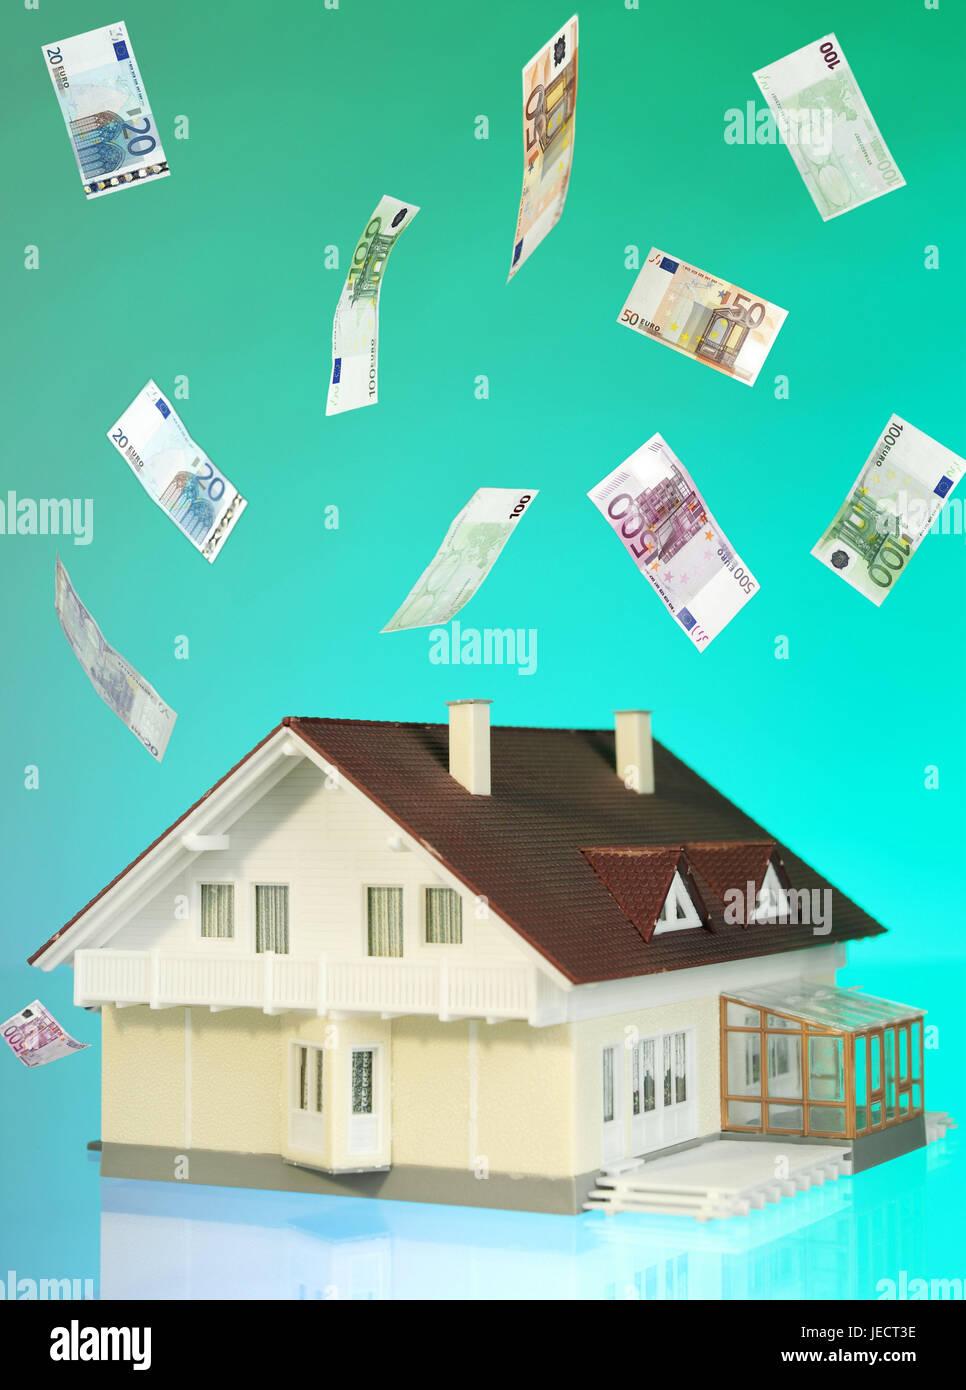 Hausmodell, Einfamilienhaus, monetäre Regen, Symbol, Bau ...